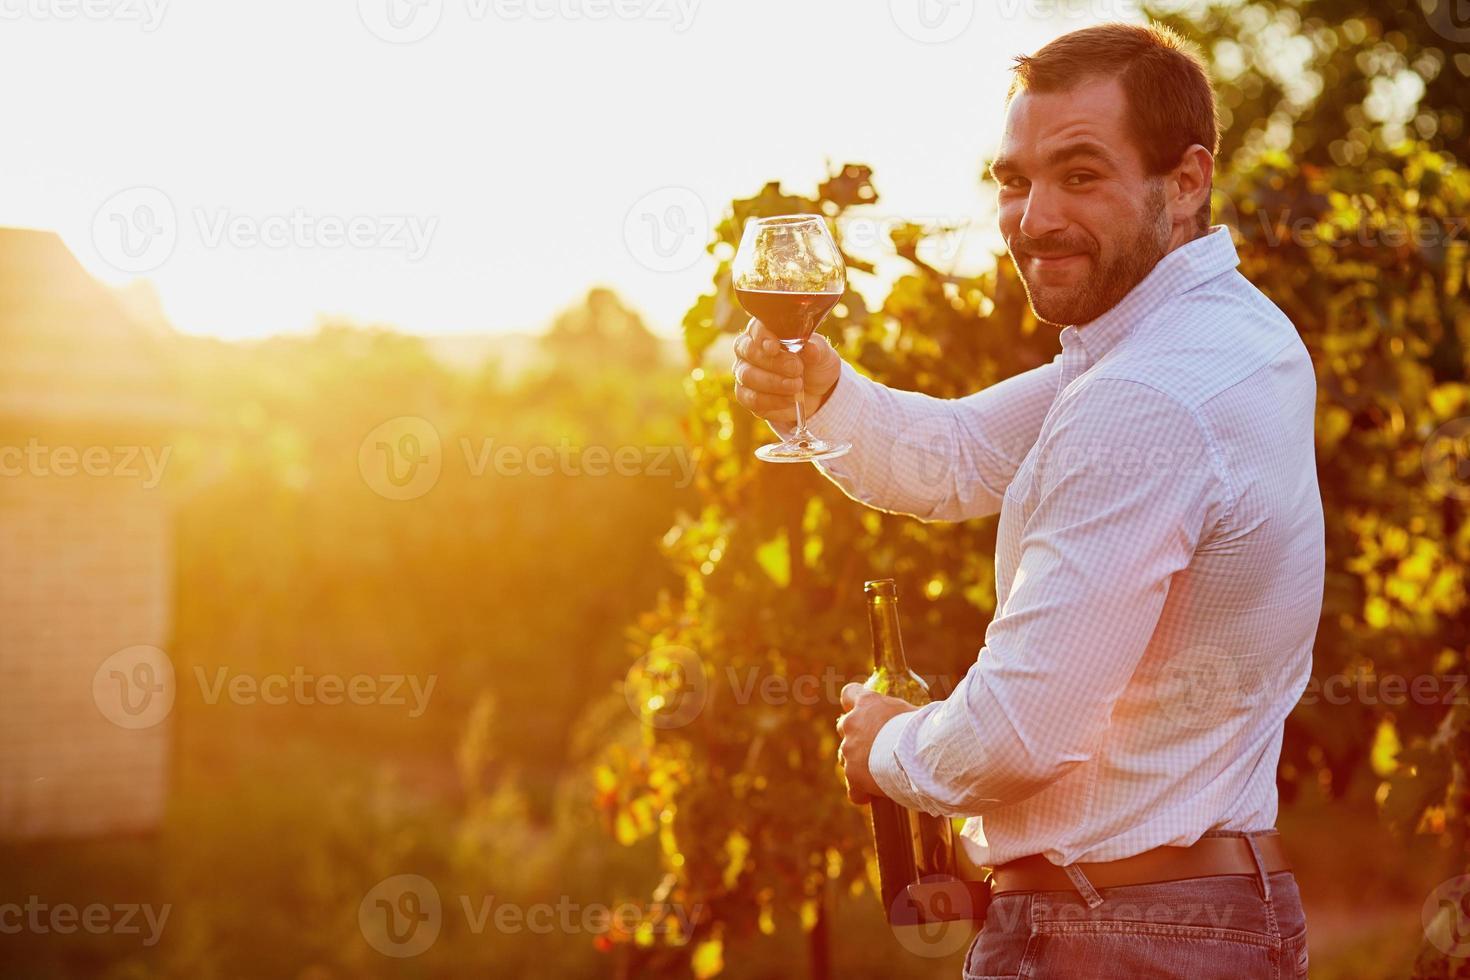 Mann mit einem Glas Rotwein foto